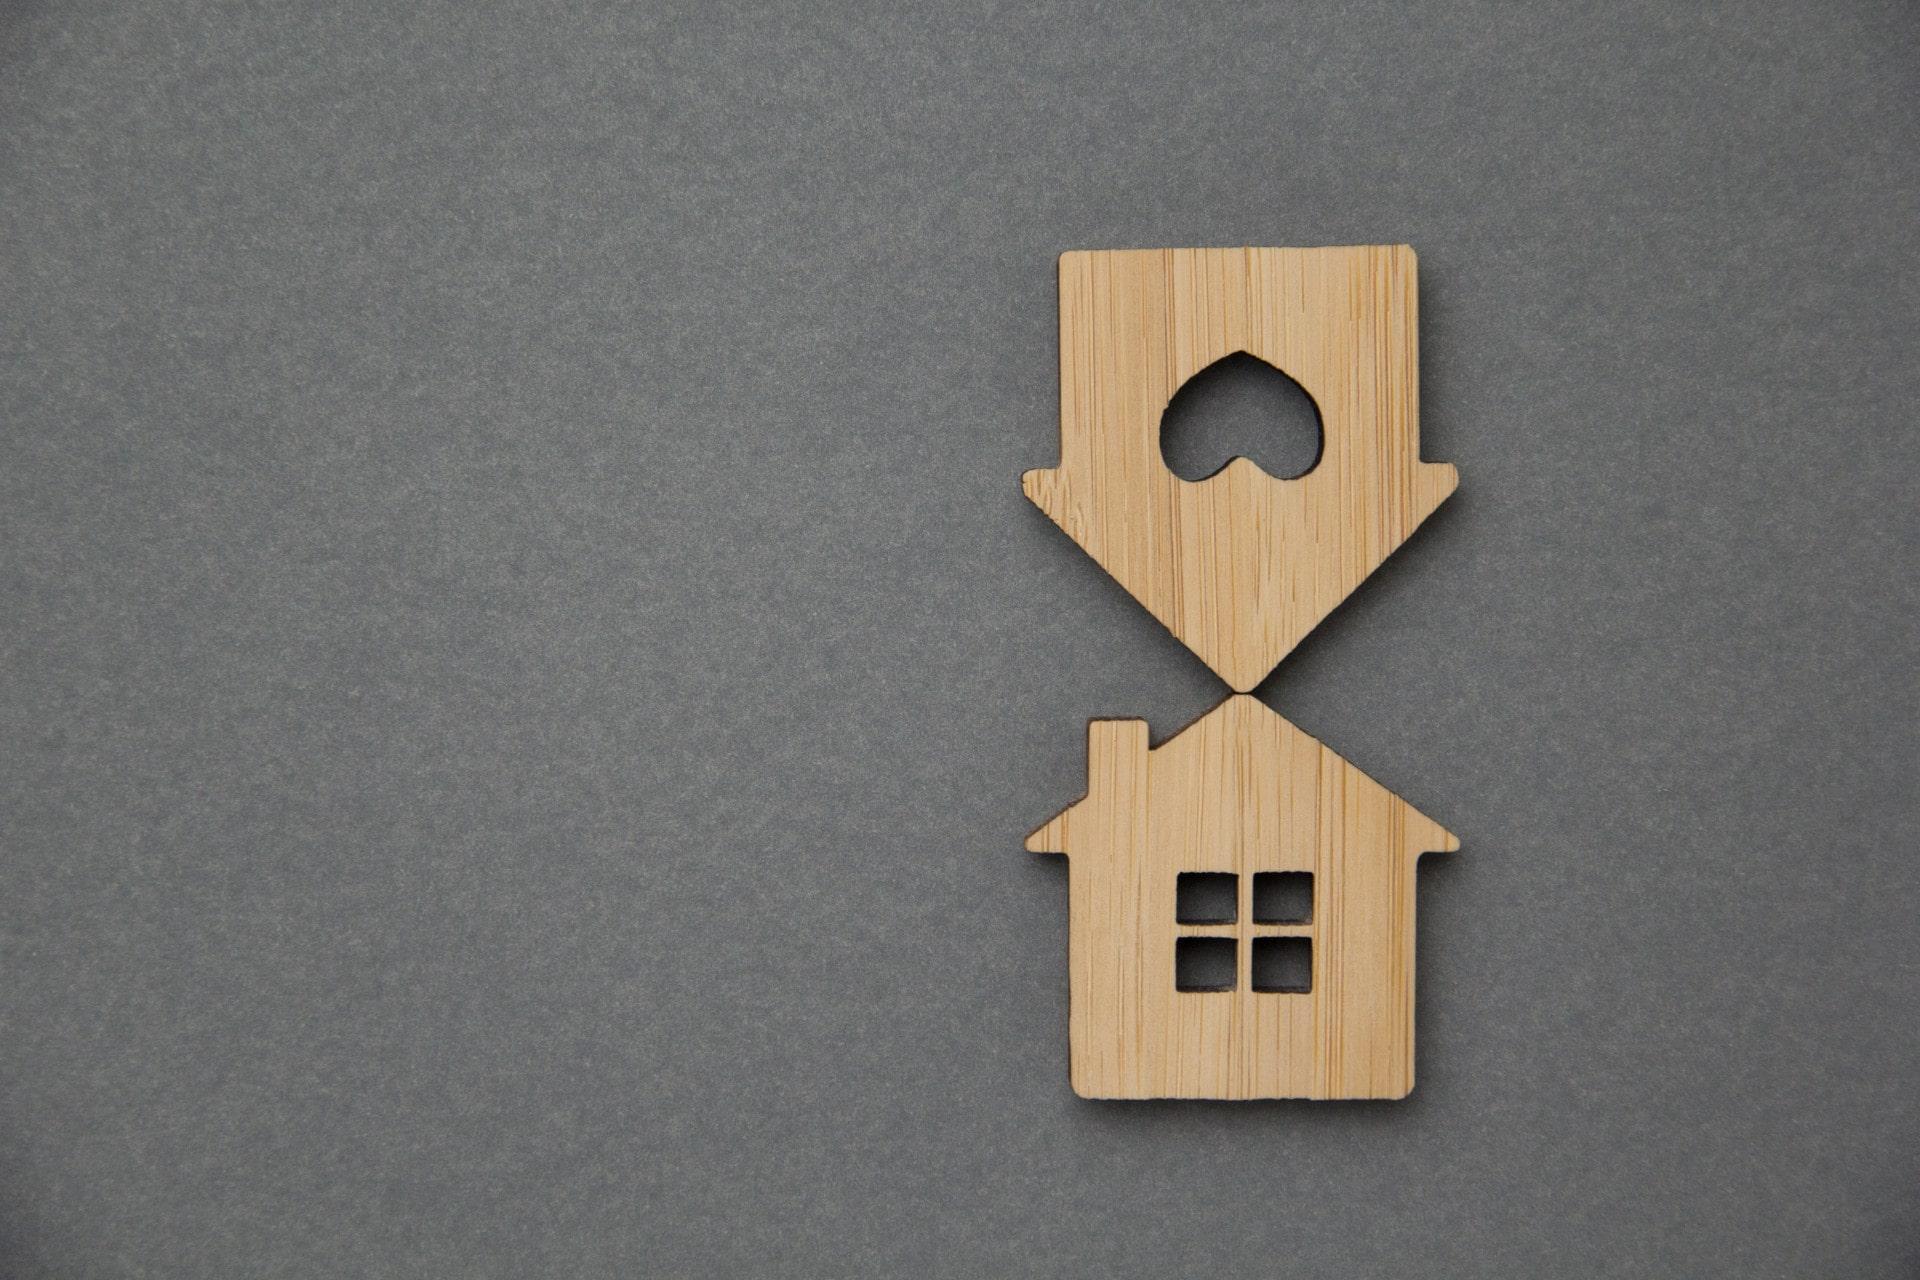 twee houten huizen